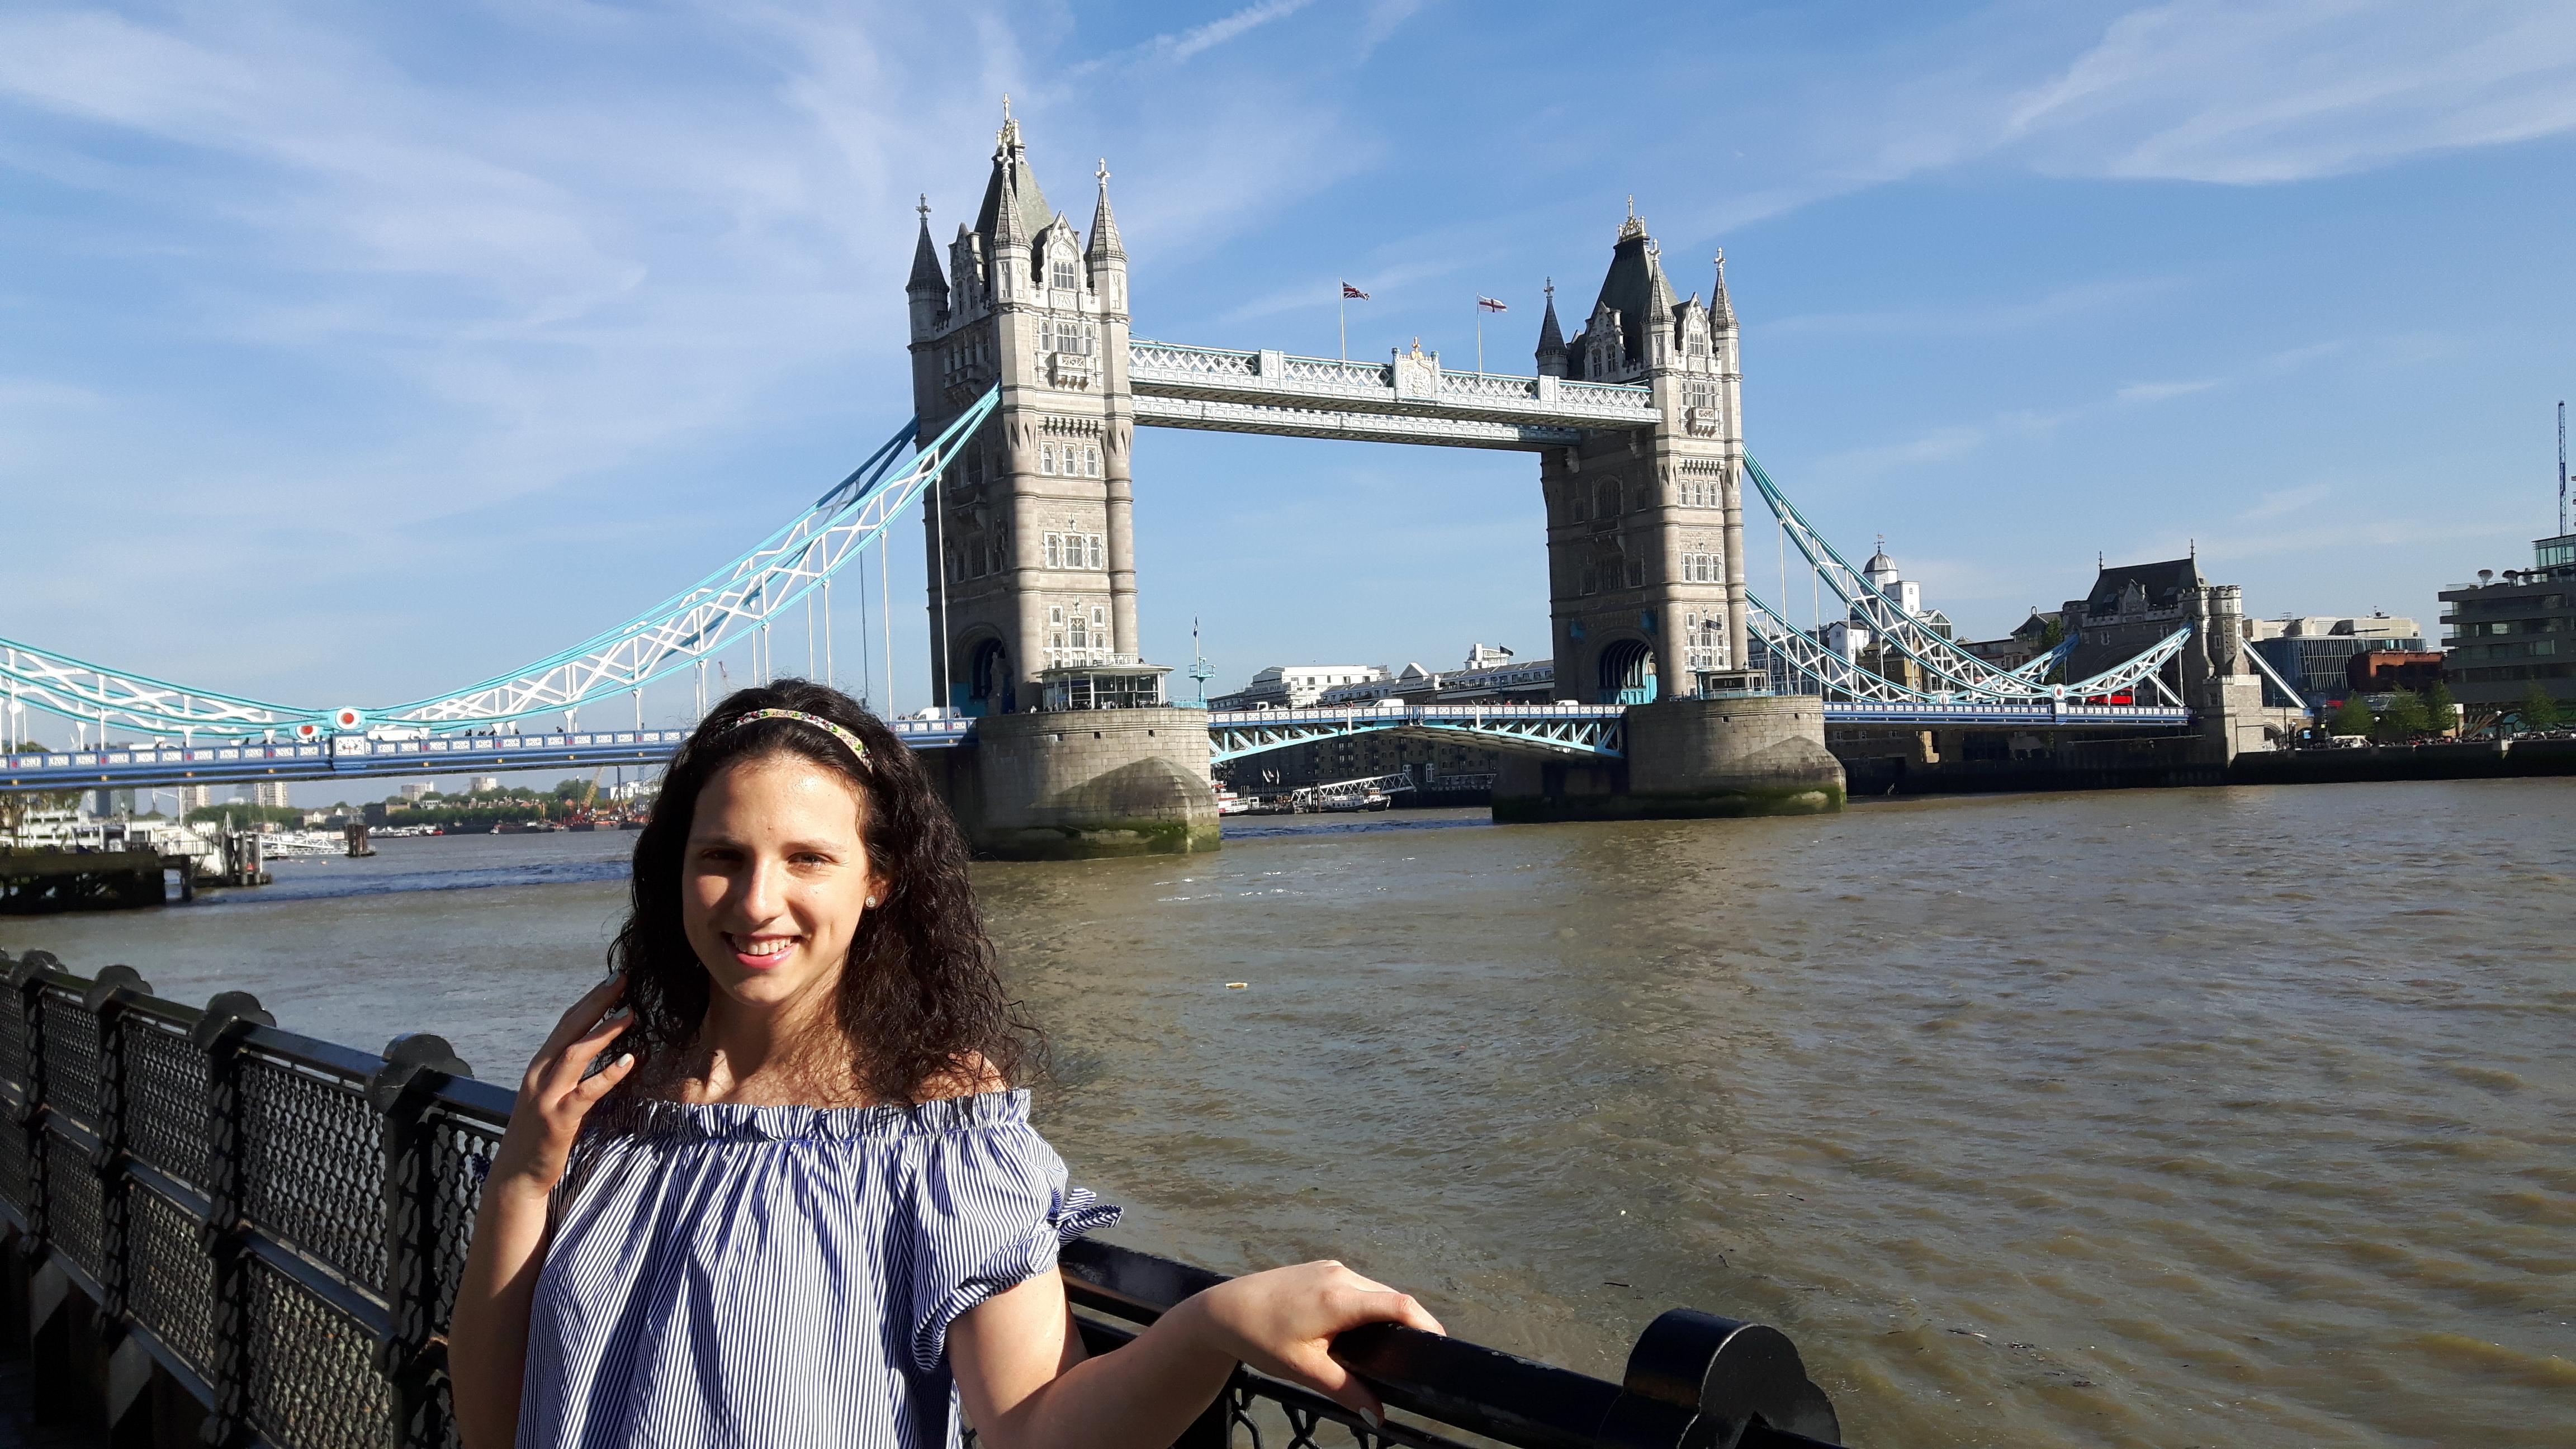 Tower Bridge-Beautifuldreams